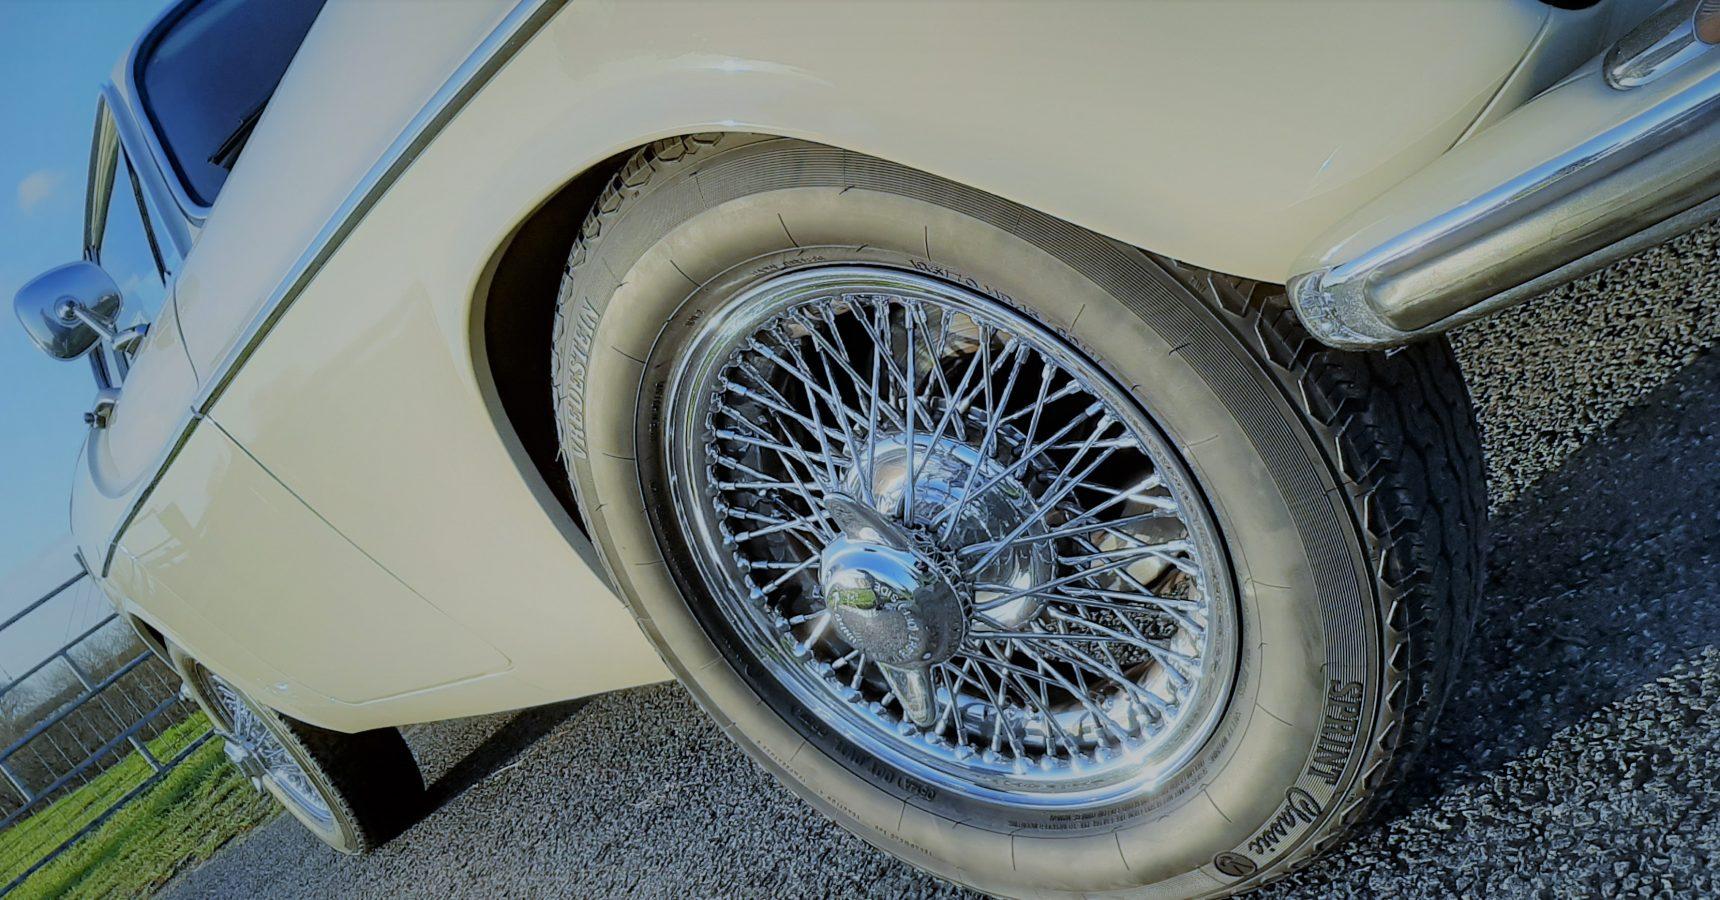 Klassiekrijden Volvo huren trouwauto Volvo P1800 Daf Fiat MG Amazon The Saint auto trouwauto huren Dagje toeren Trouwverhuur Klassiekrijden Roger Moore James Bond Klassieke auto Klassieker verhuur Trouwauto Wit witte trouwauto huren Sportauto Wit